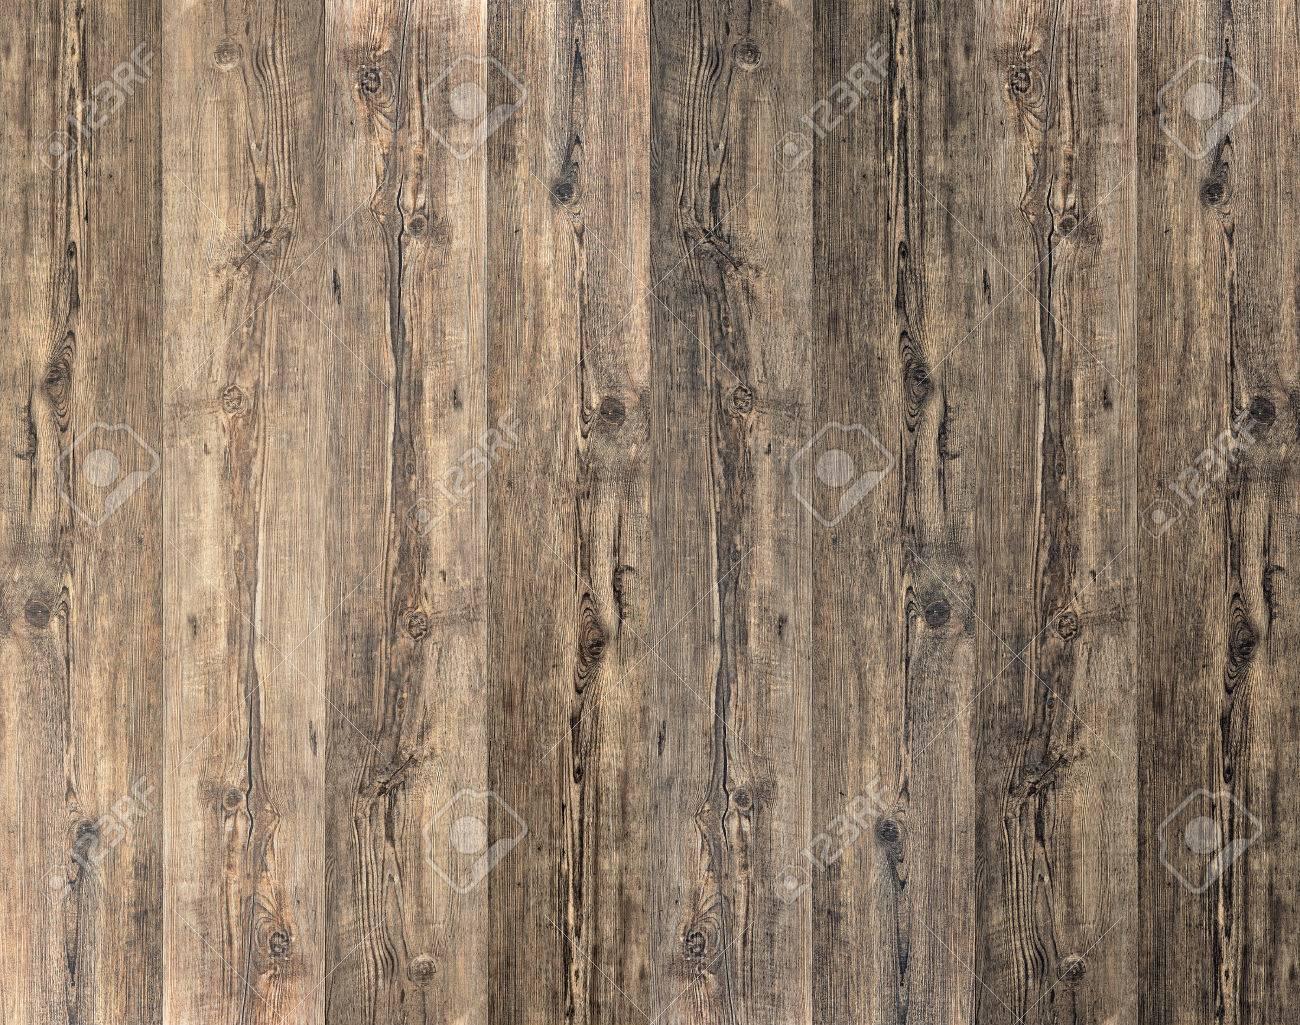 fondo de madera rstica teln de fondo abstracto estilo retro foto de archivo